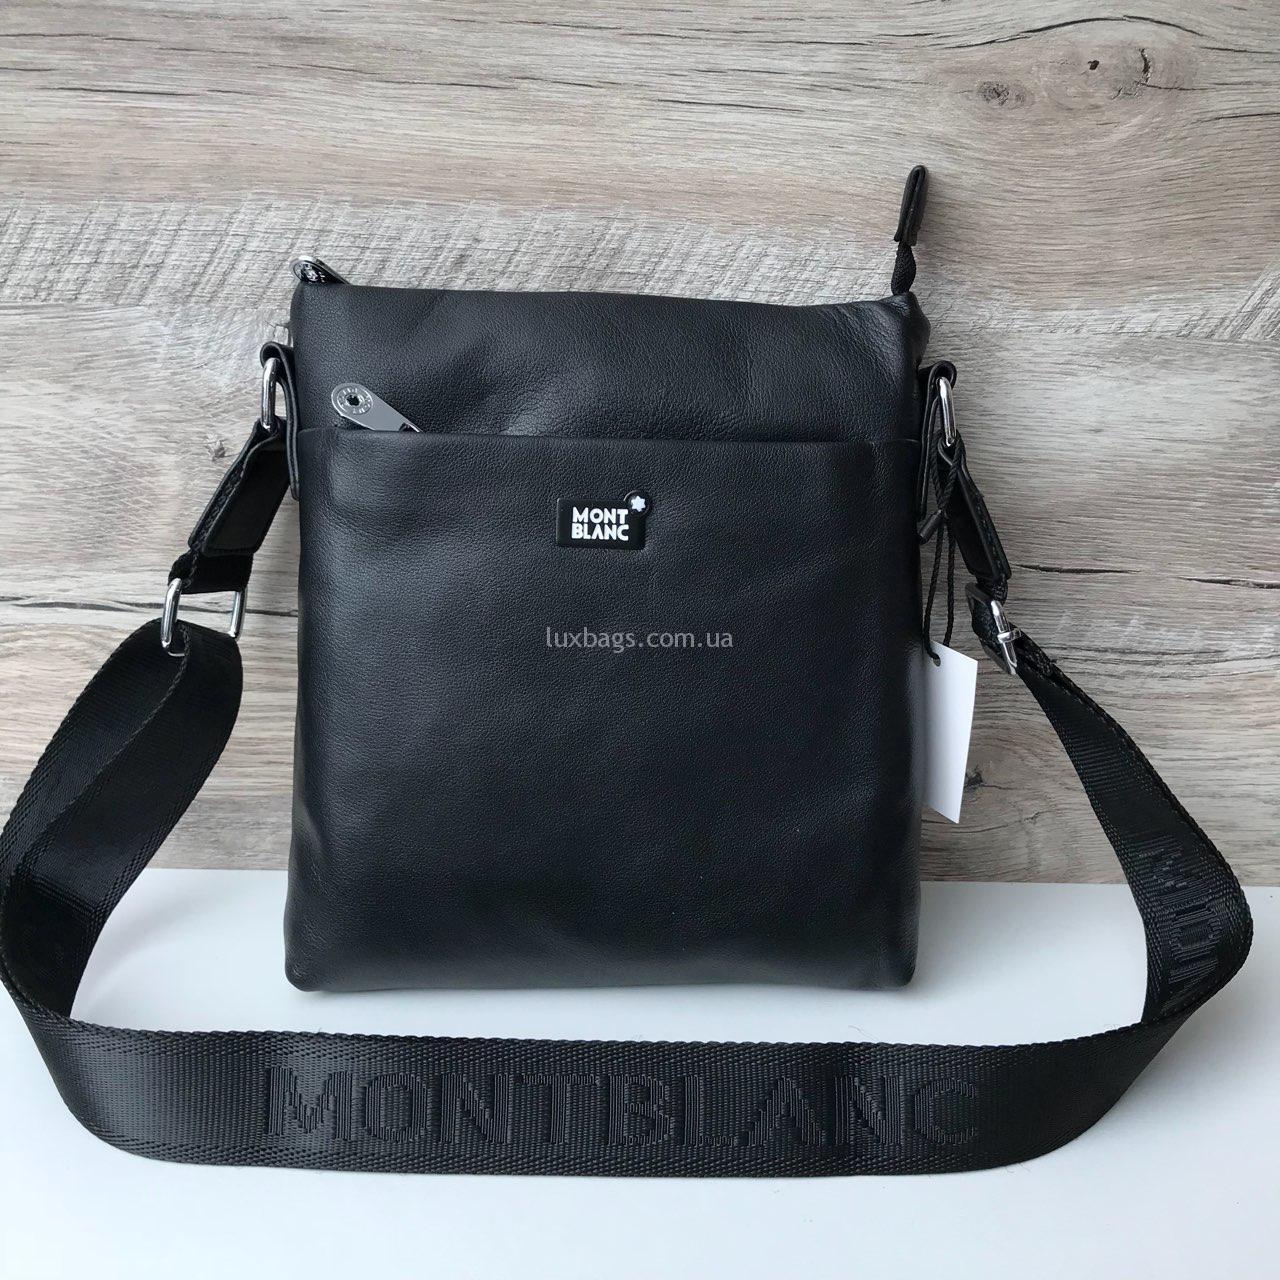 8de242144a89 Мужская кожаная сумка Mont Blanc через плечо   lux-bags